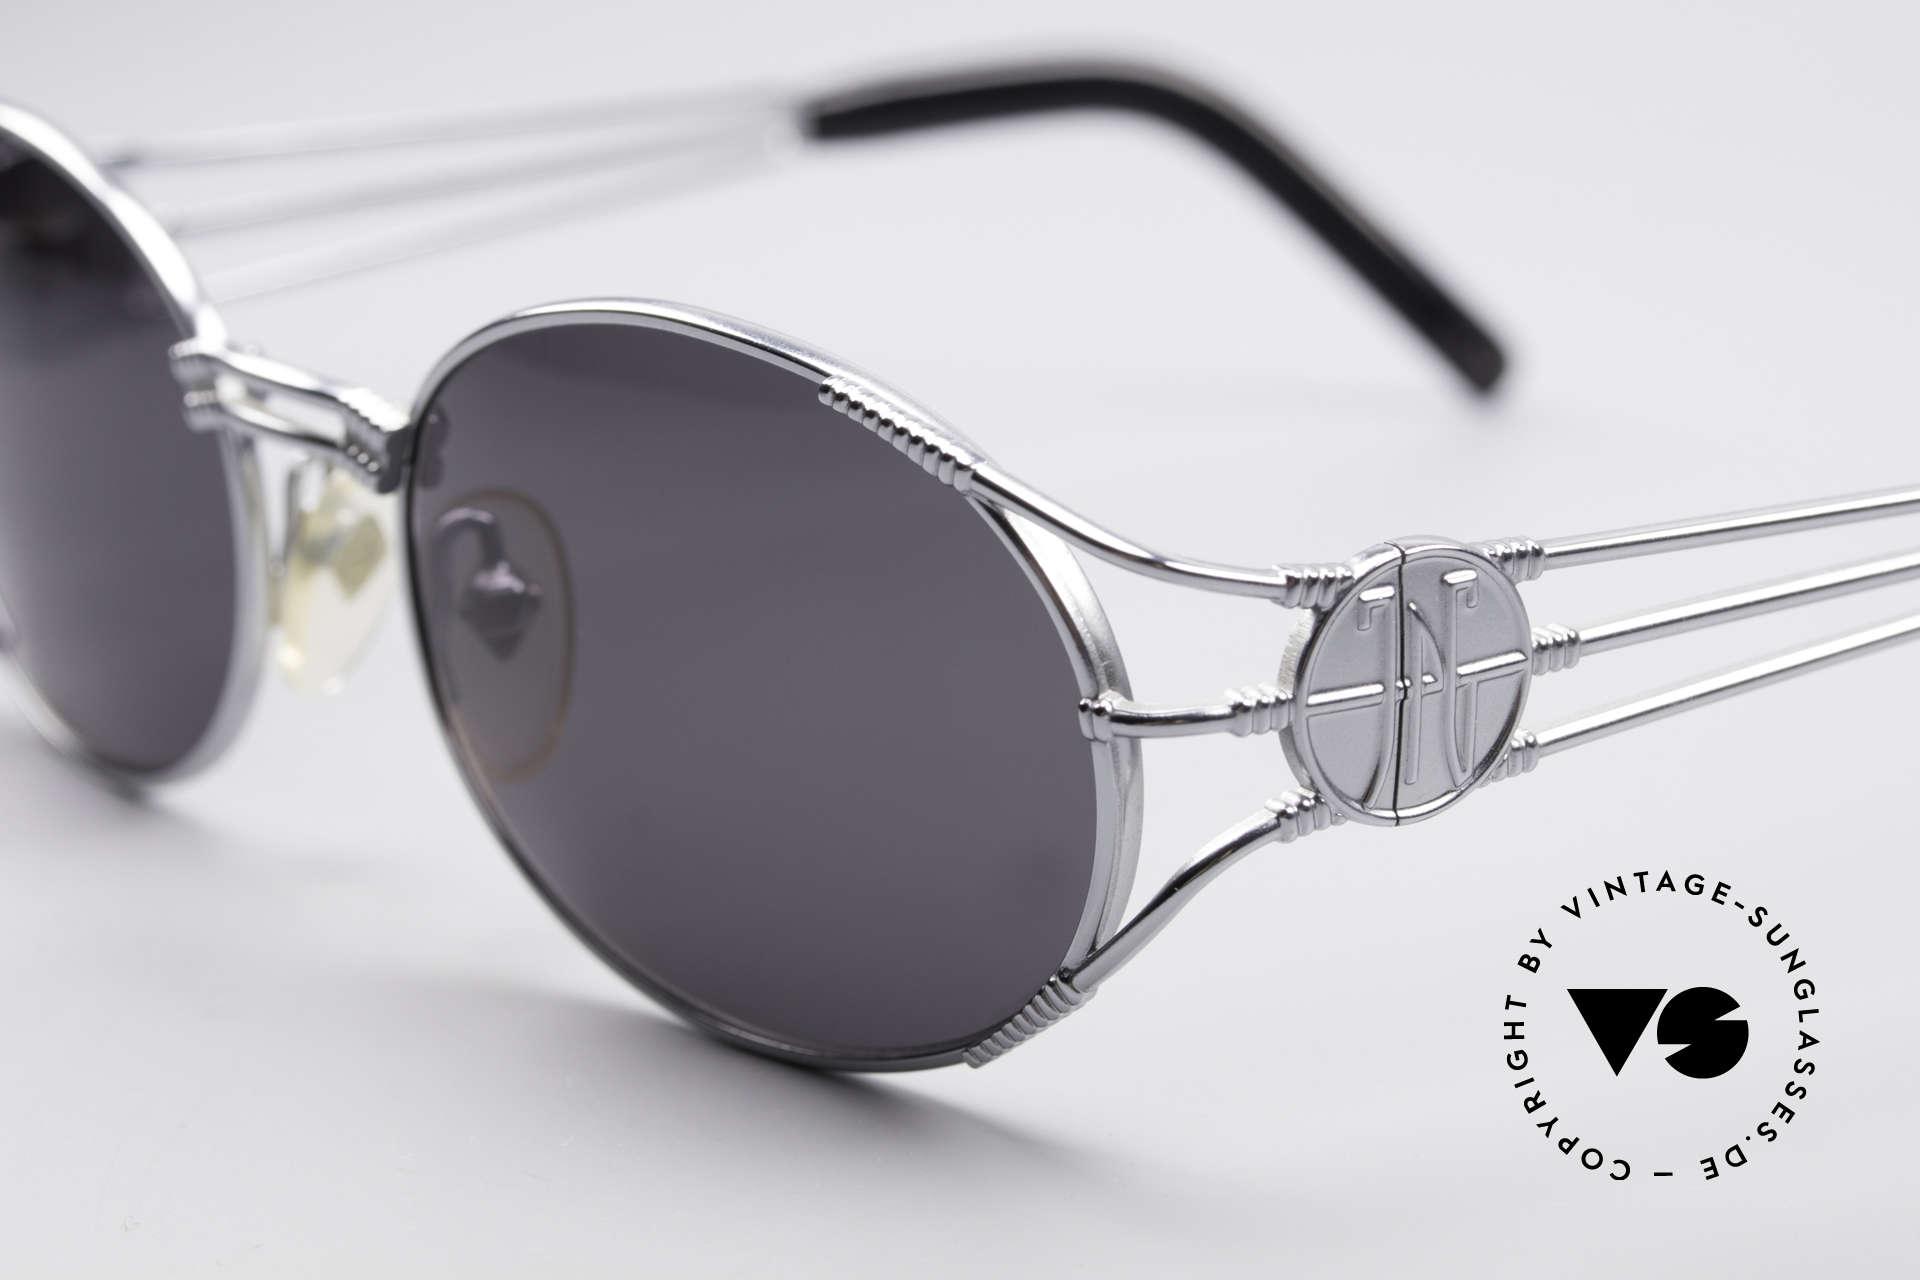 Jean Paul Gaultier 58-5106 Ovale Steampunk JPG Brille, absolute vintage Rarität in fühlbarem Top-Zustand, Passend für Herren und Damen